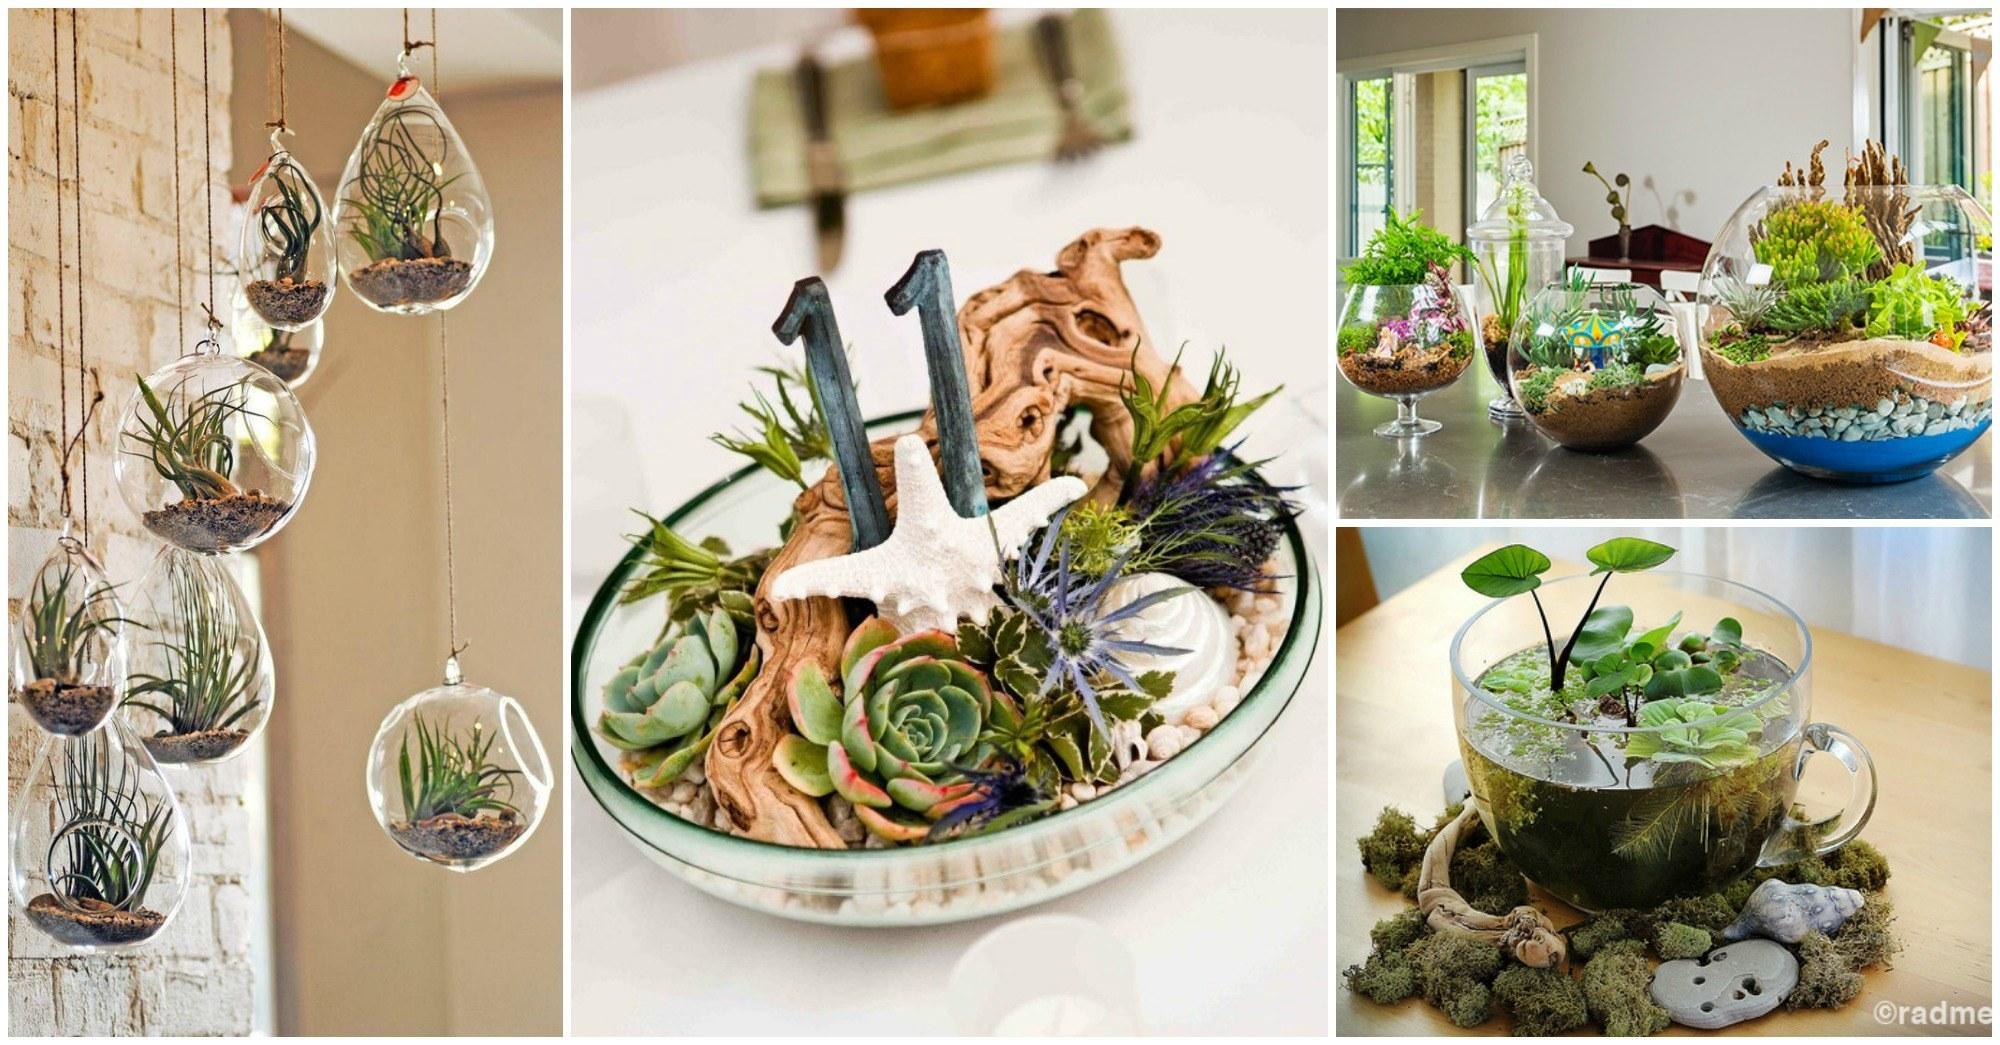 Adorable DIY Terrariums to Create at Home